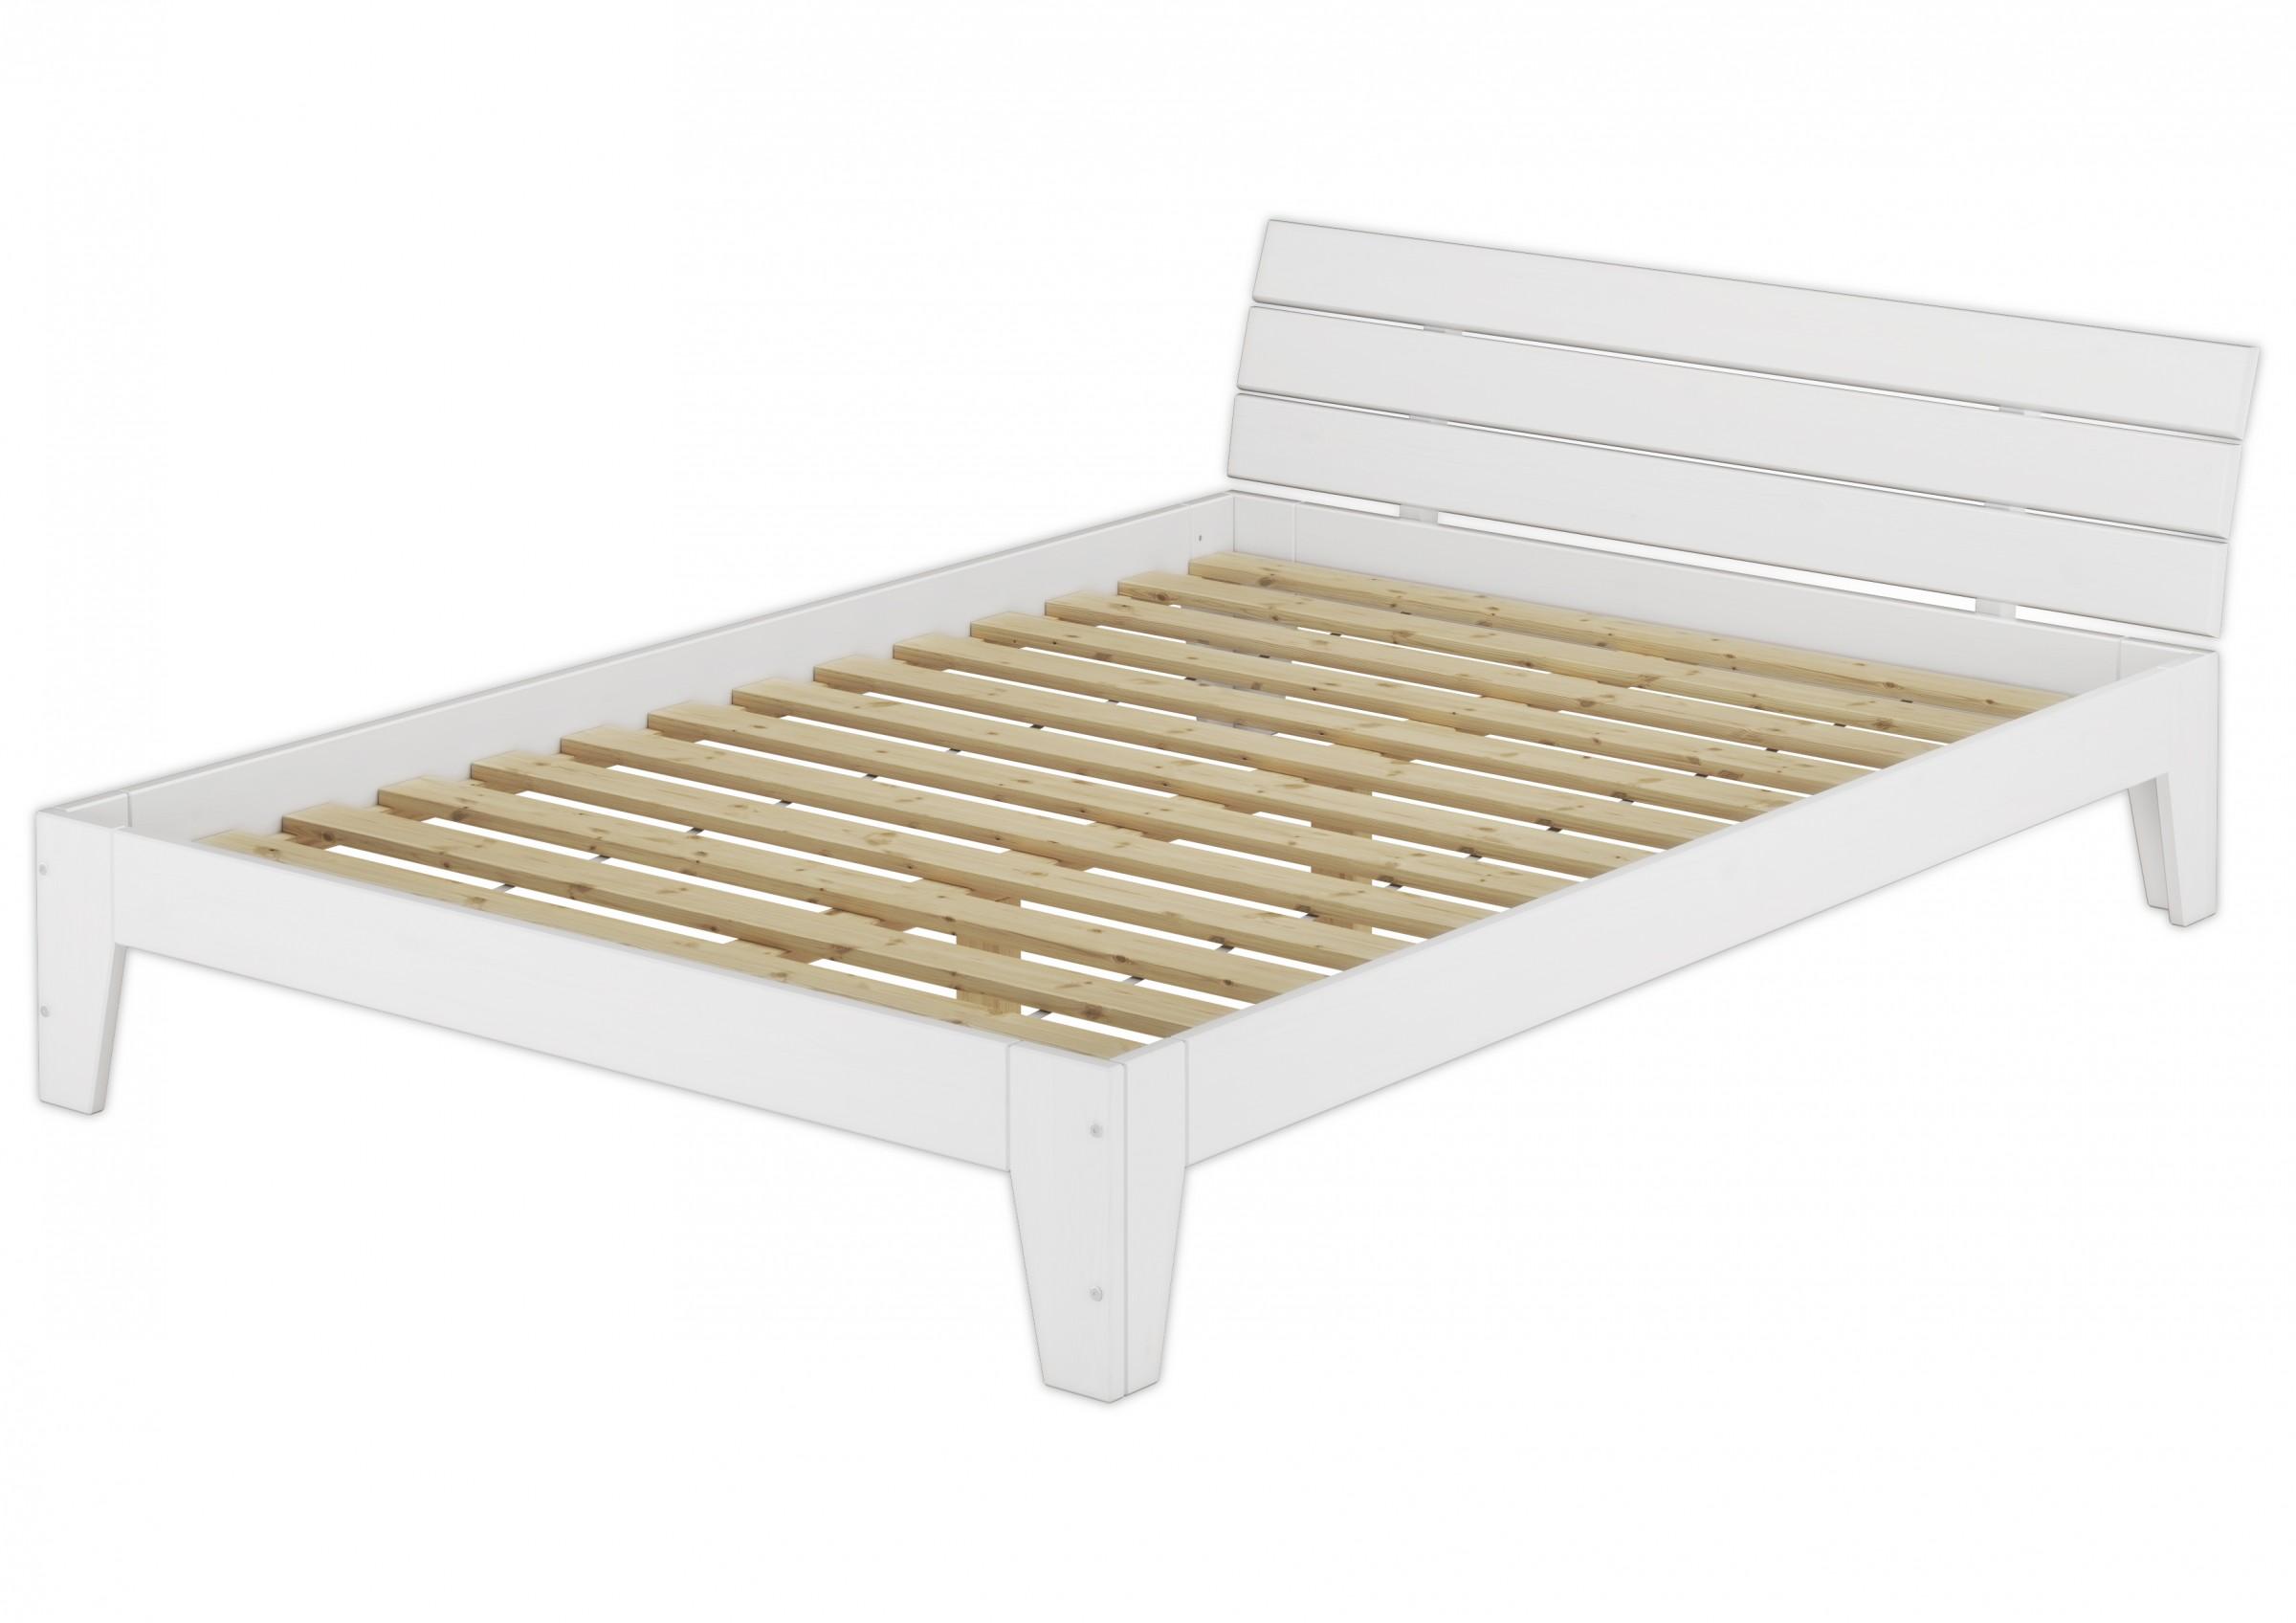 holzbett mit rollrost matratze 120x200 einzelbett futonbett wei w m 4250639530270 ebay. Black Bedroom Furniture Sets. Home Design Ideas